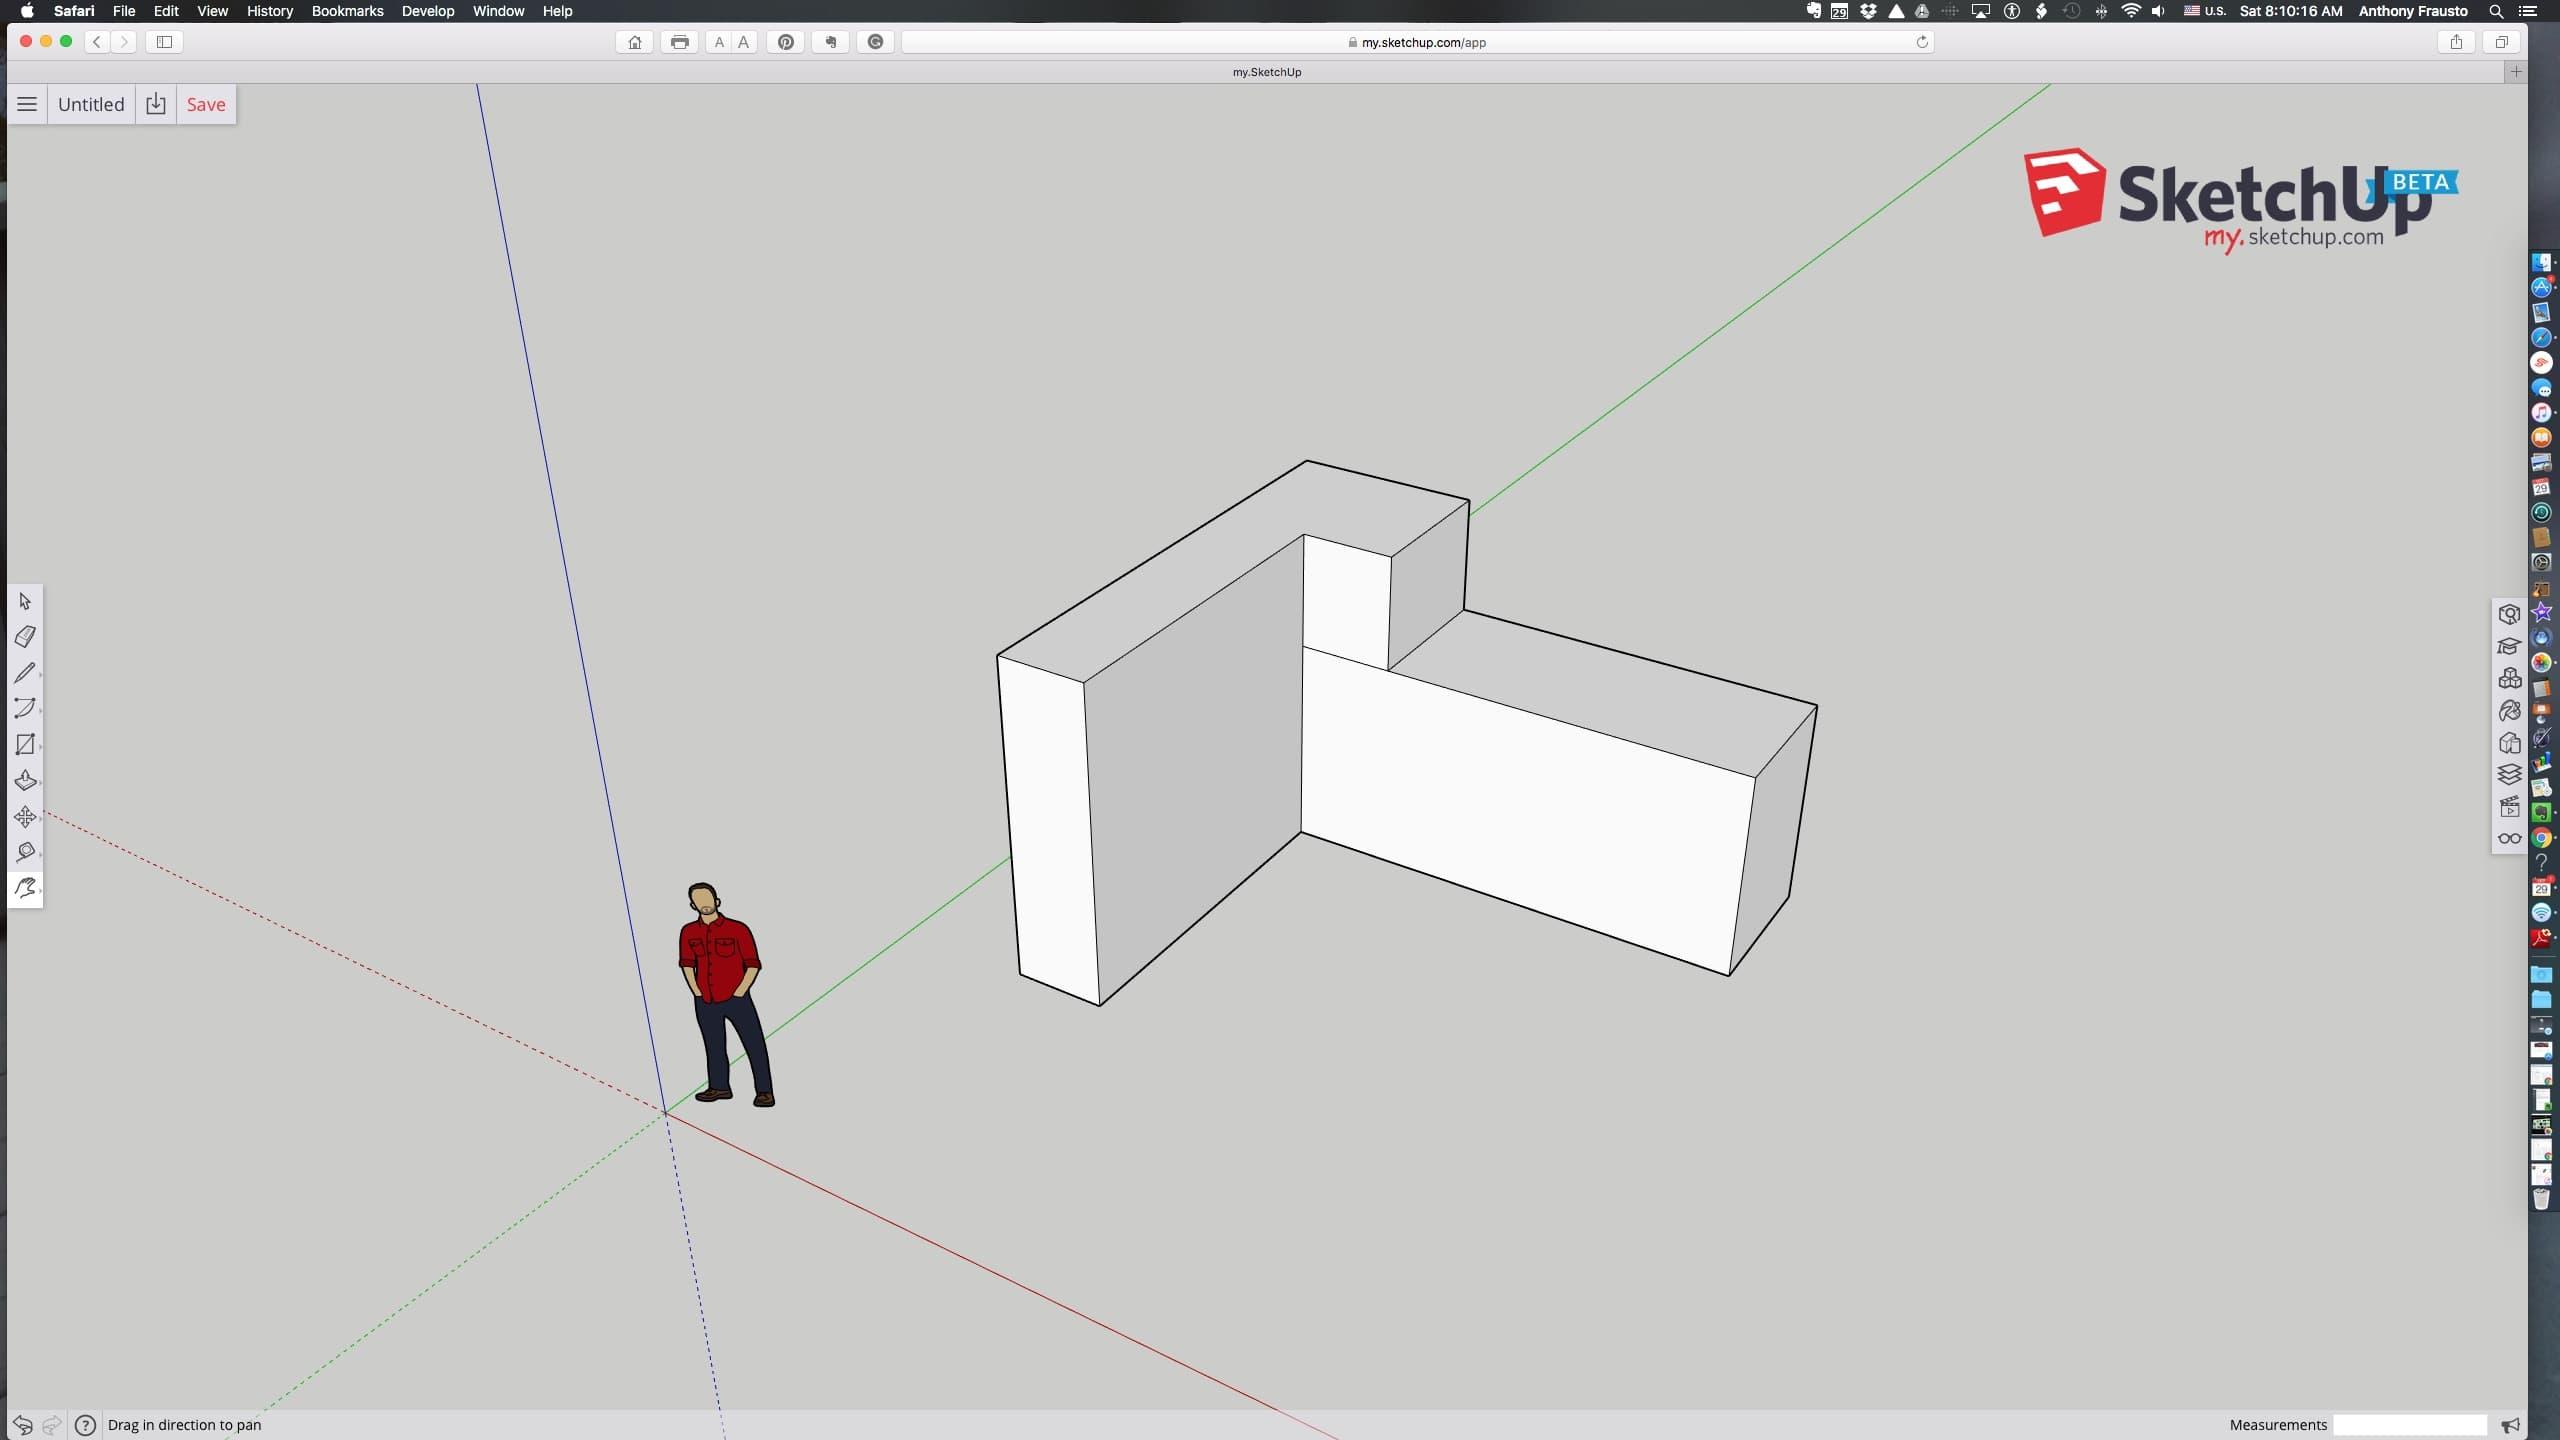 Sketchup - Software de modelagem 3D Grátis